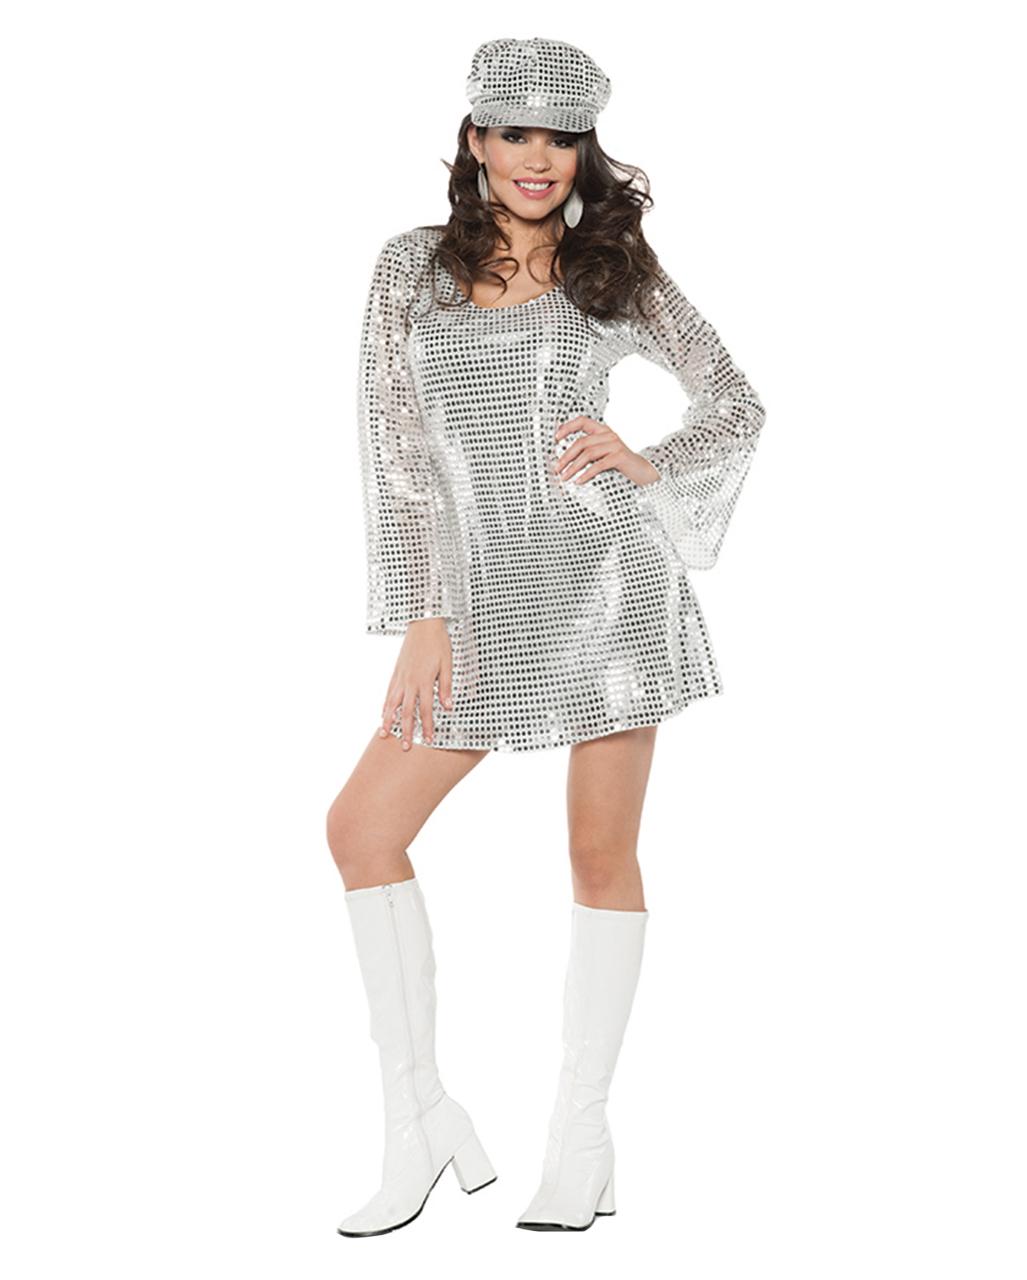 Pailletten Kleid mit Mütze silber bestellen   Horror-Shop.com